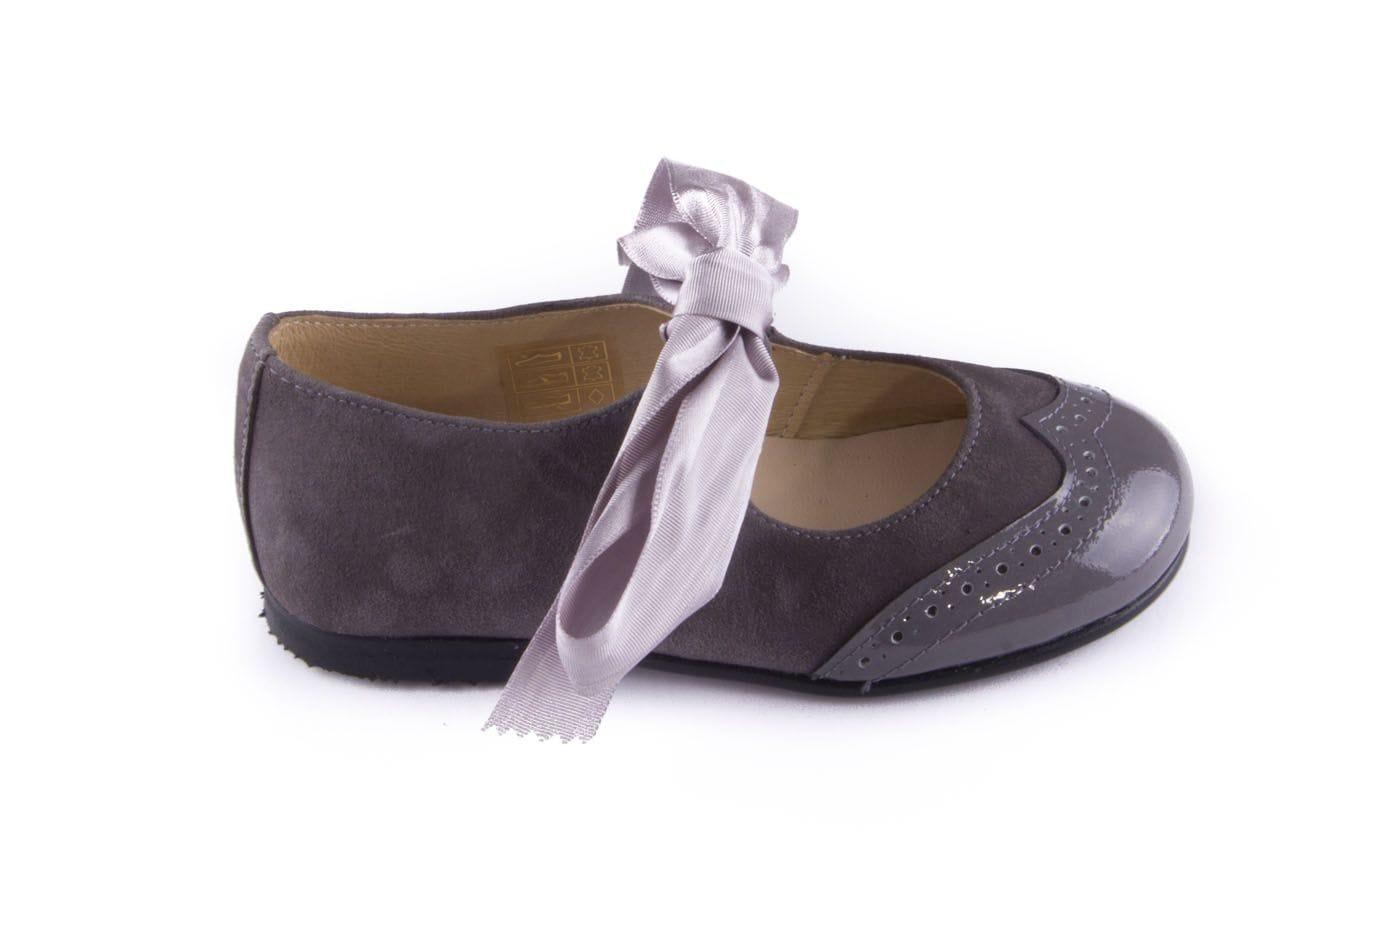 cd373a5a68dd8 Comprar zapato tipo JOVEN NIÑA estilo MERCEDES COLOR GRIS CHAROL ...